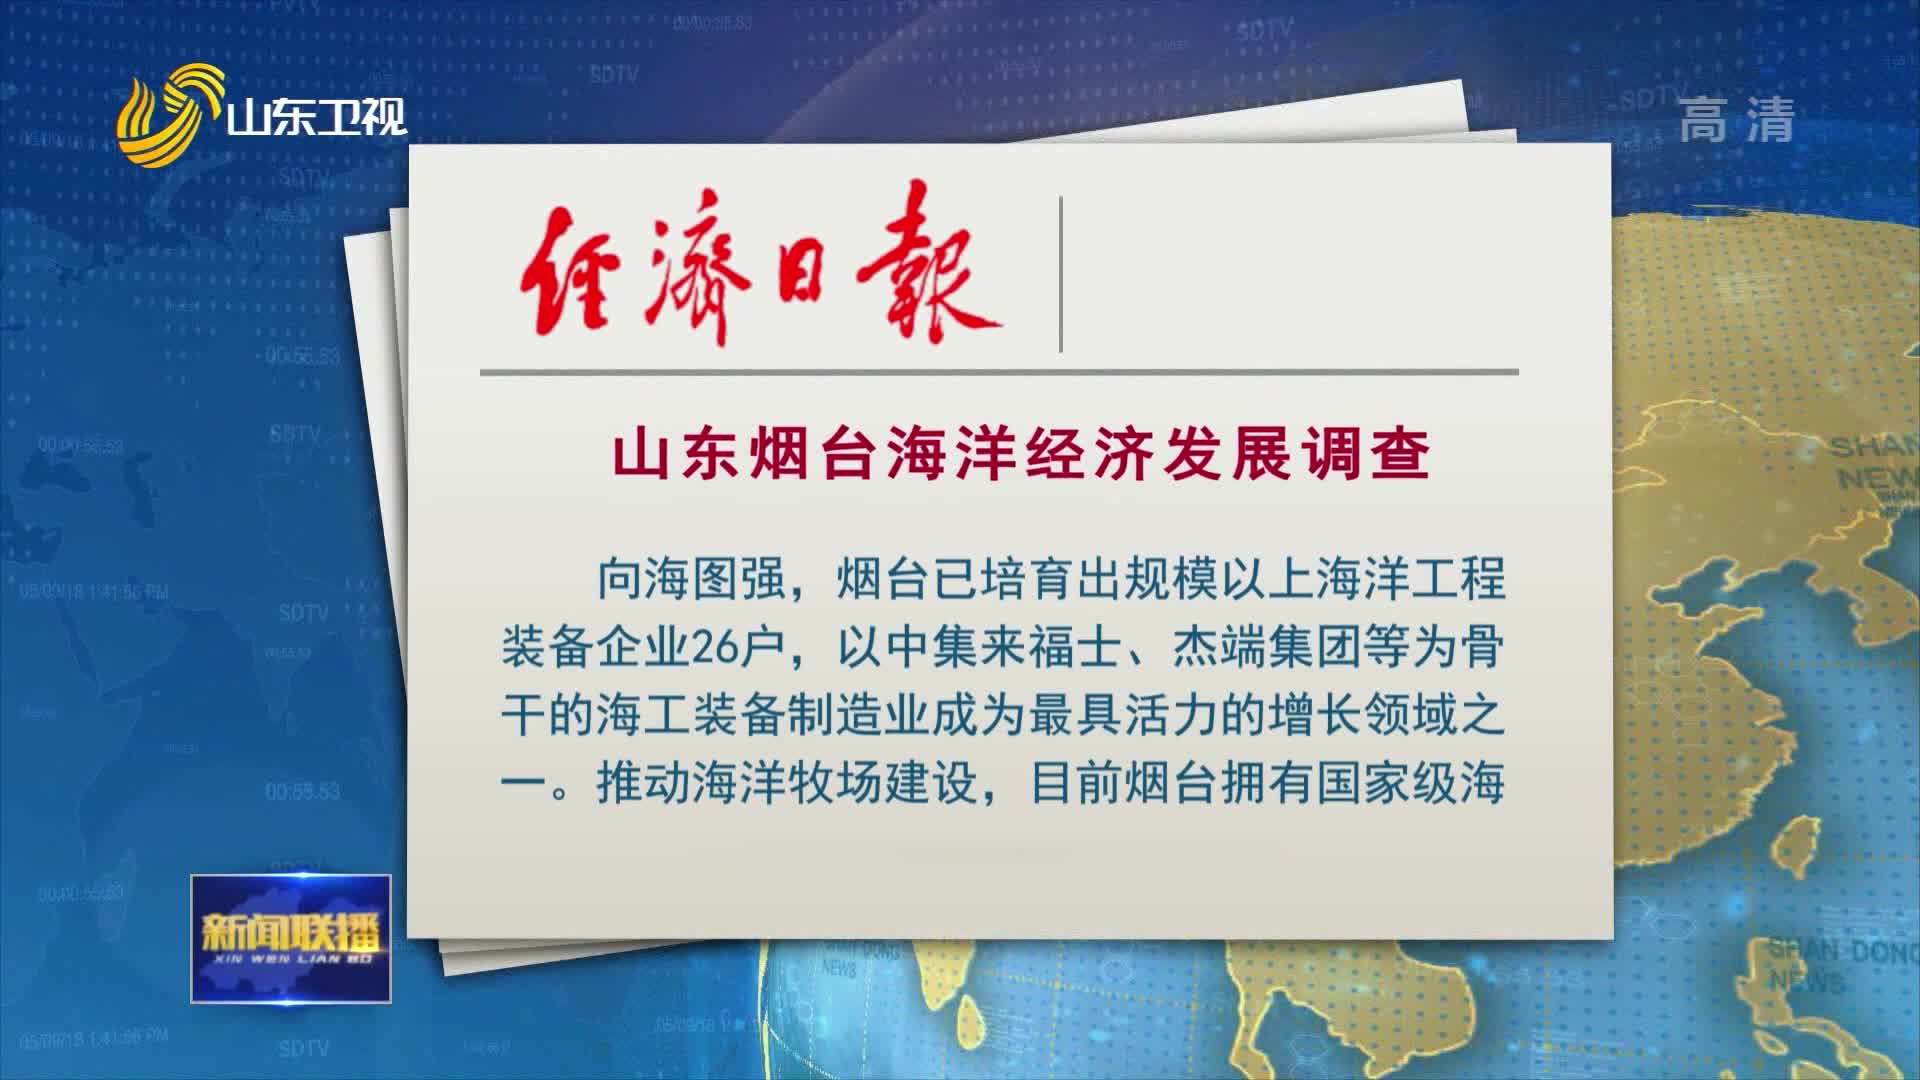 经济日报连续刊文关注山东烟台海洋经济发展